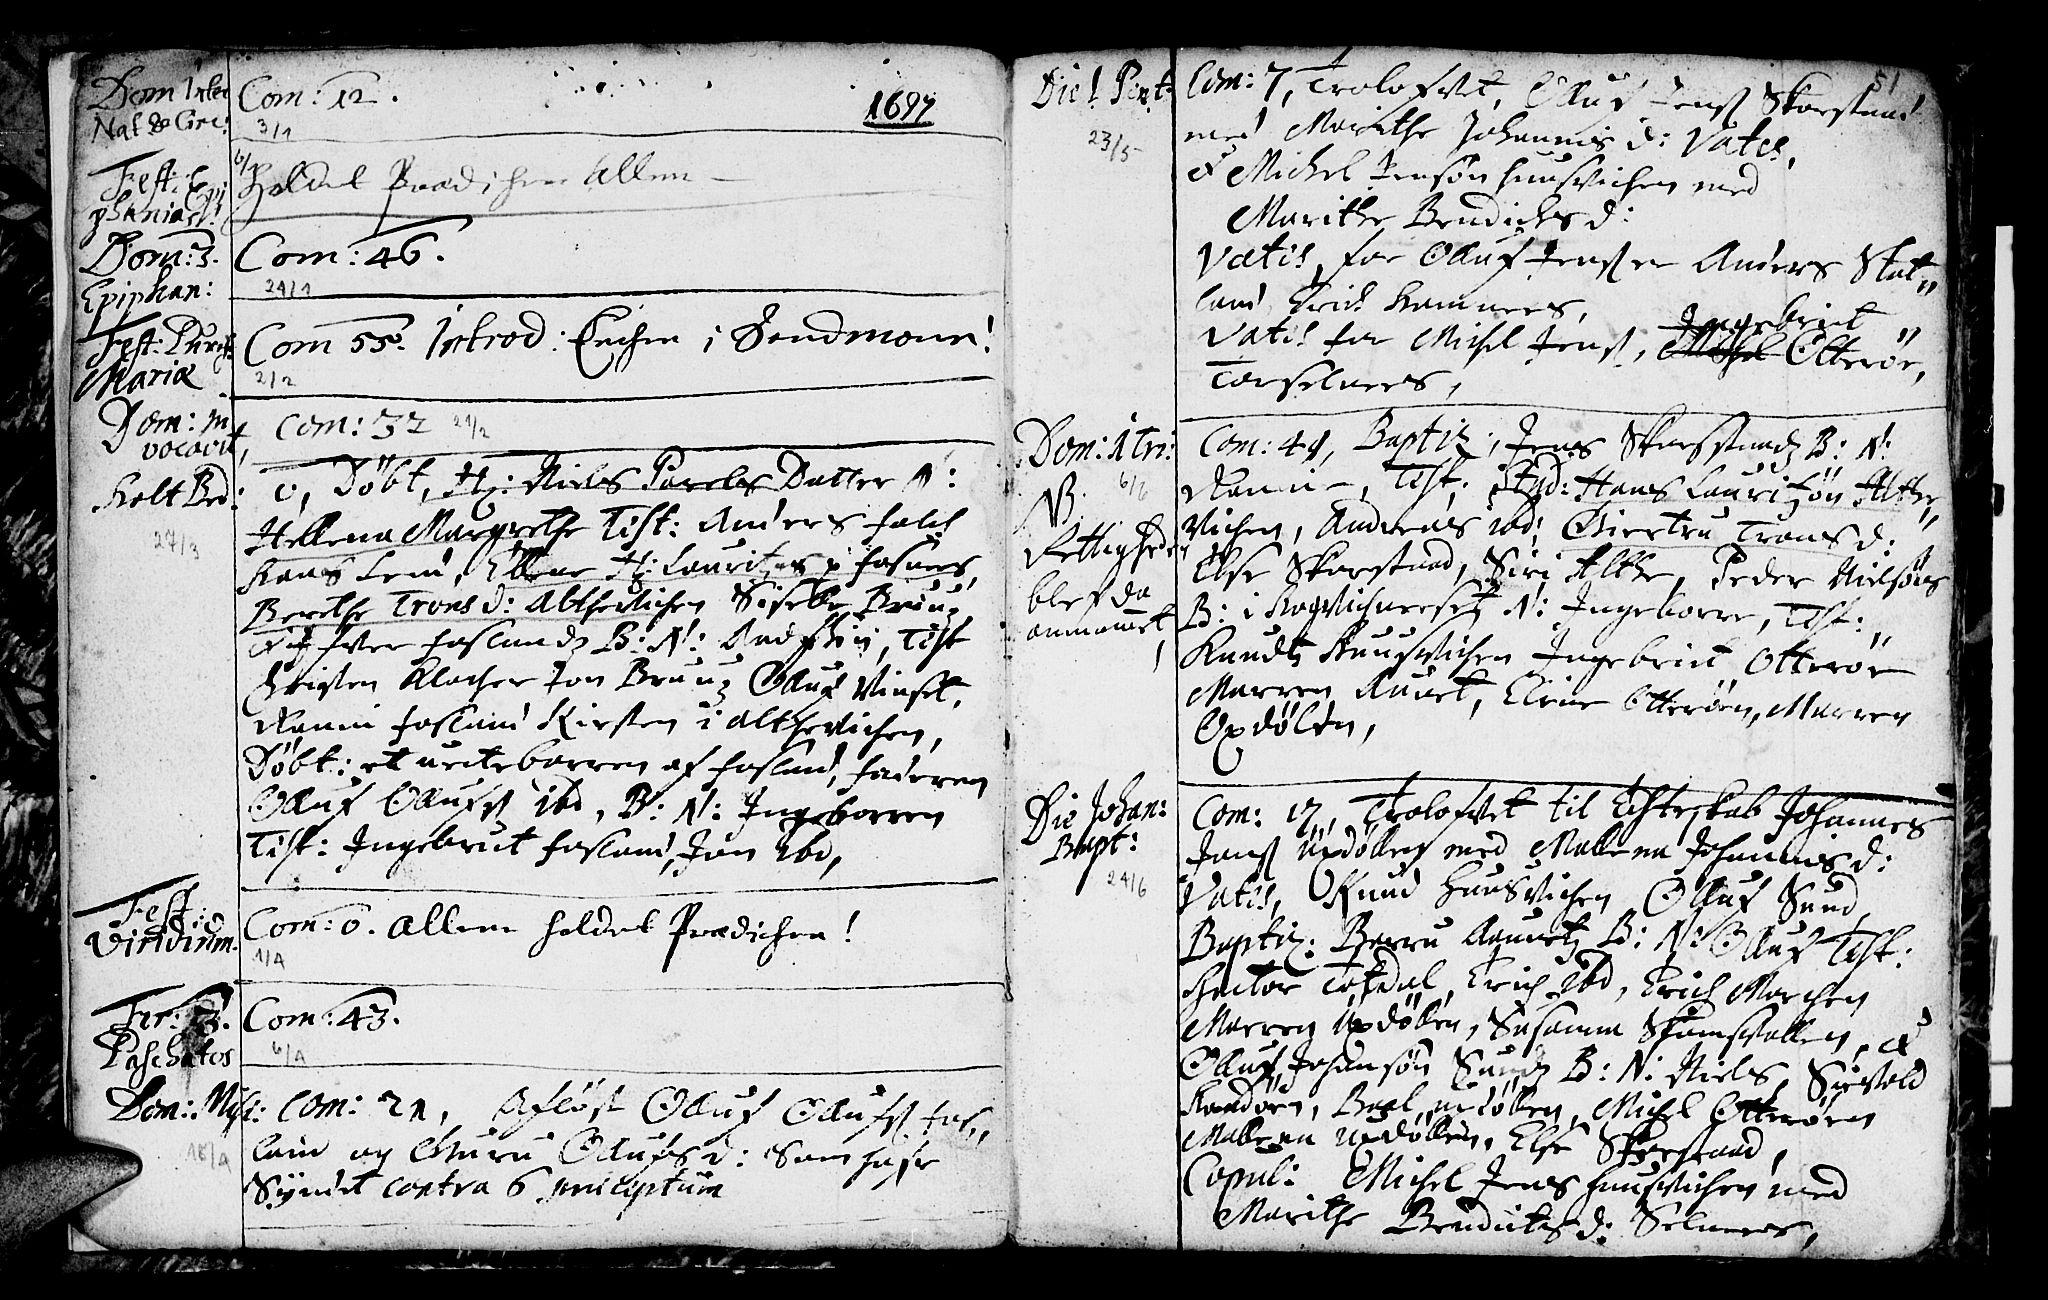 SAT, Ministerialprotokoller, klokkerbøker og fødselsregistre - Nord-Trøndelag, 774/L0627: Ministerialbok nr. 774A01, 1693-1738, s. 50-51